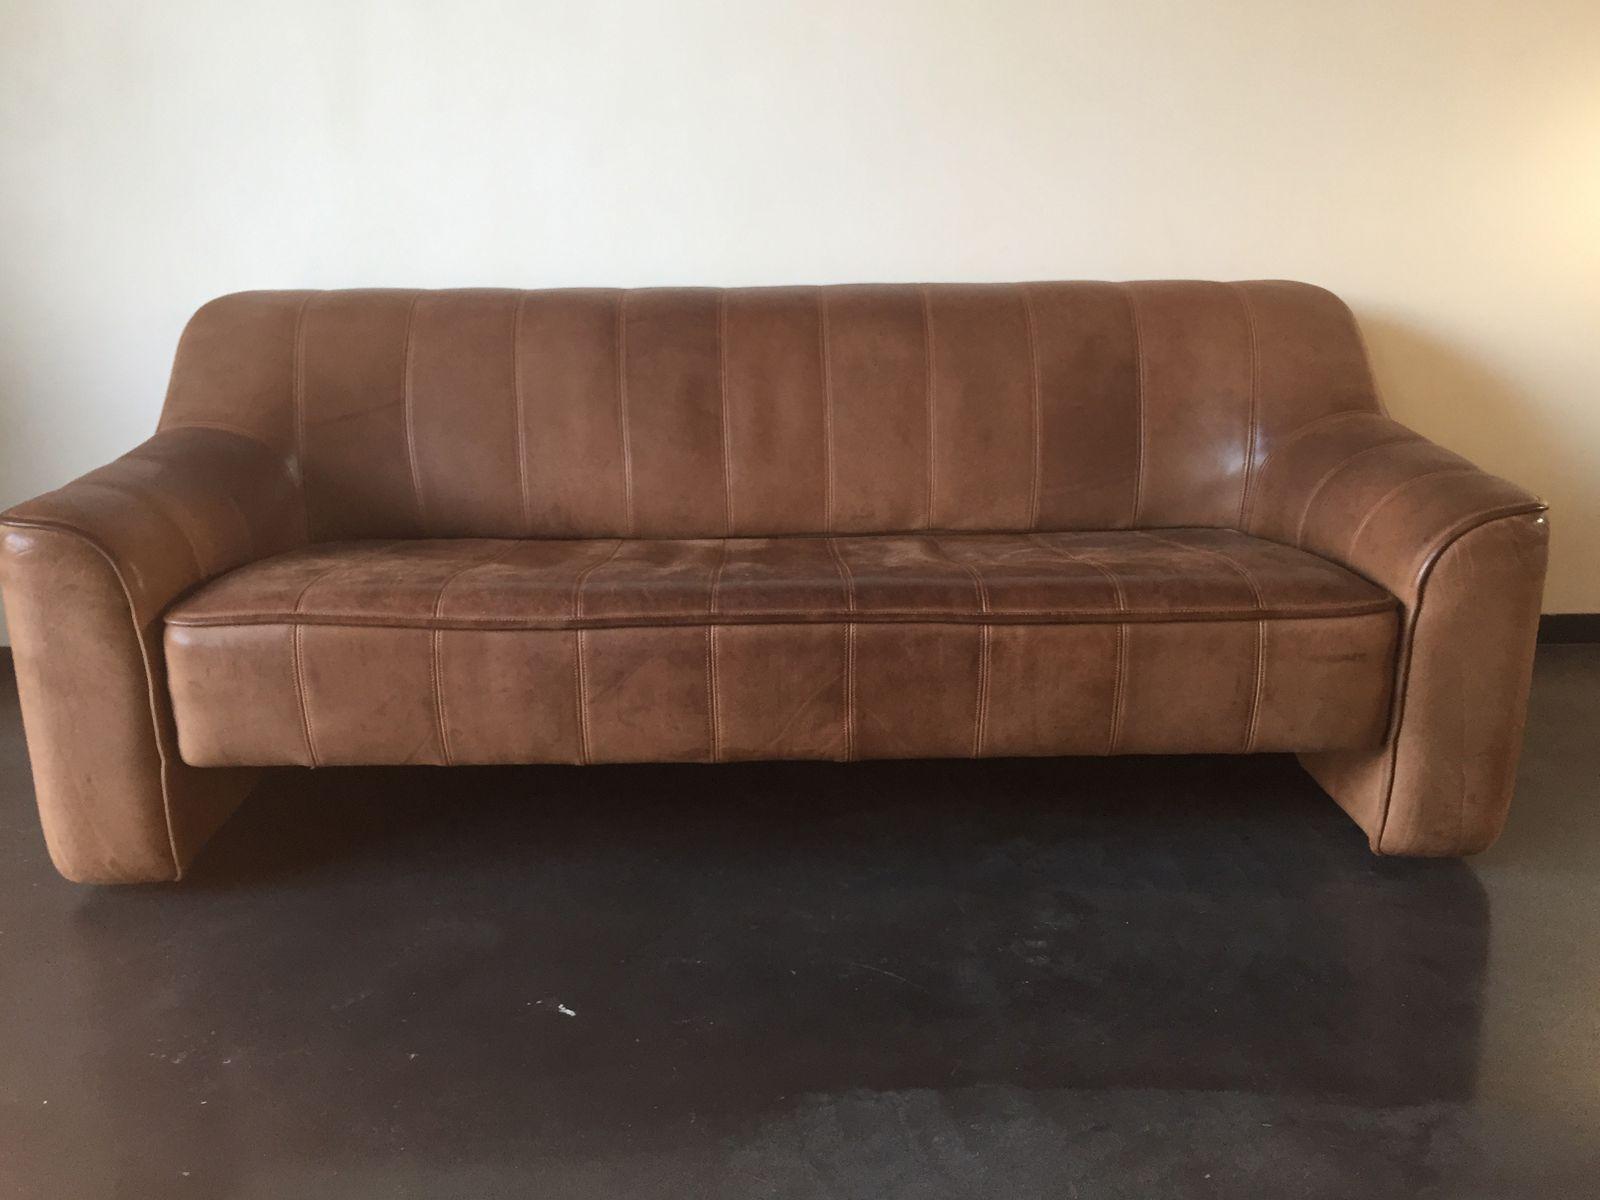 Vintage Cognacfarbenes DS44 3-Sitzer Sofa von de Sede